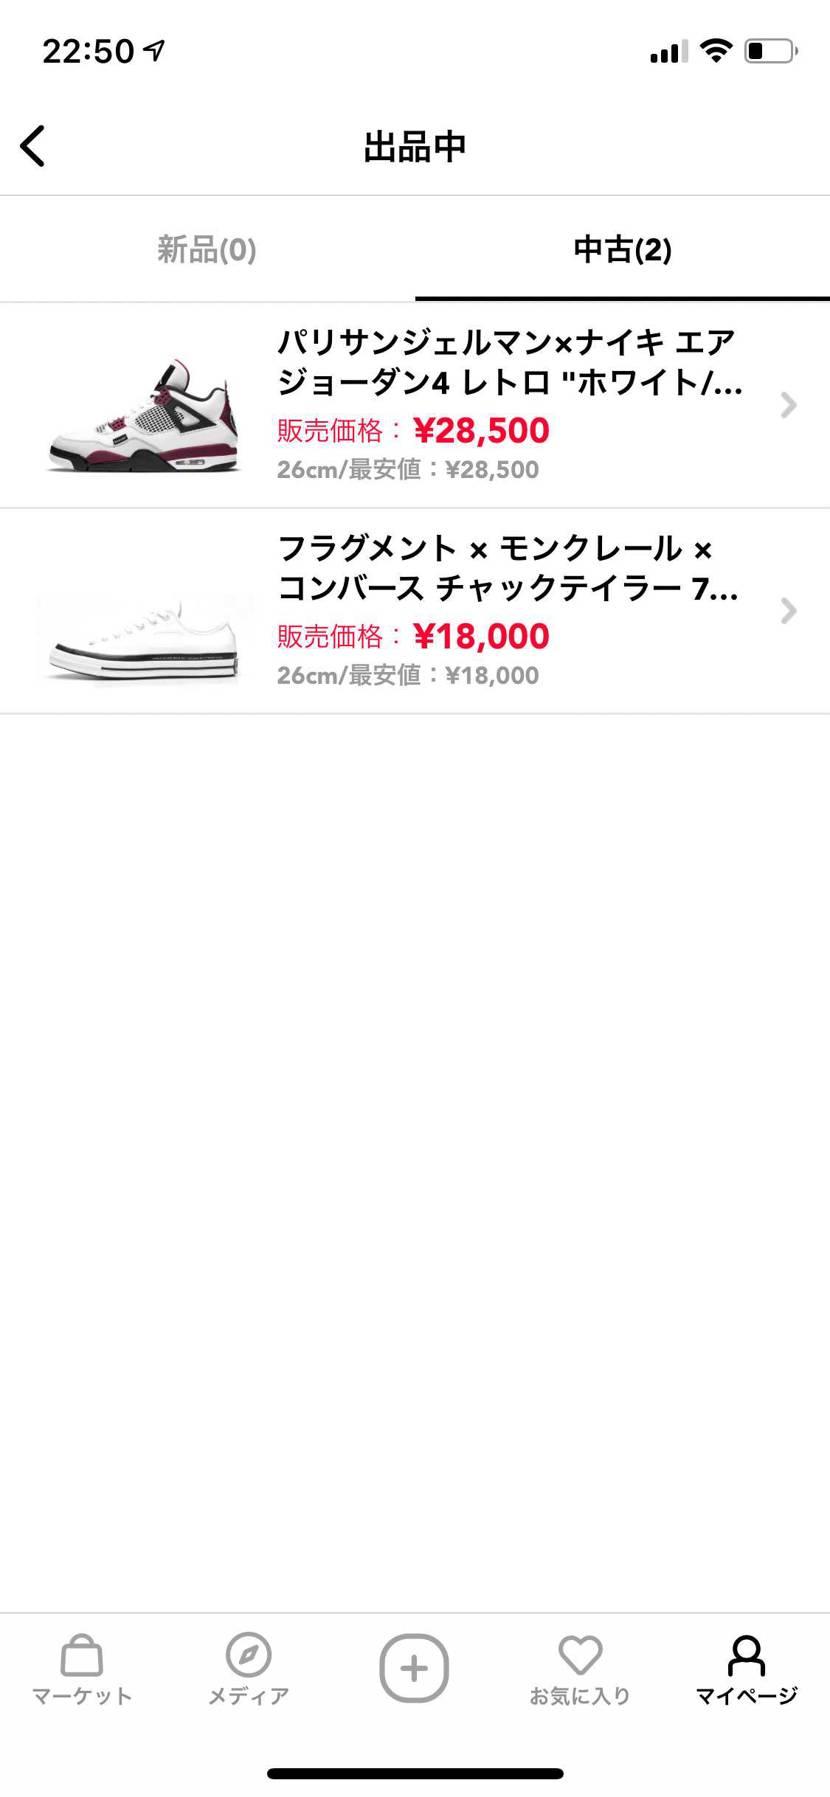 購入してくれた方ありがとうございます!😭あと2足です!🙇♂️🙏欲しいスニーカー